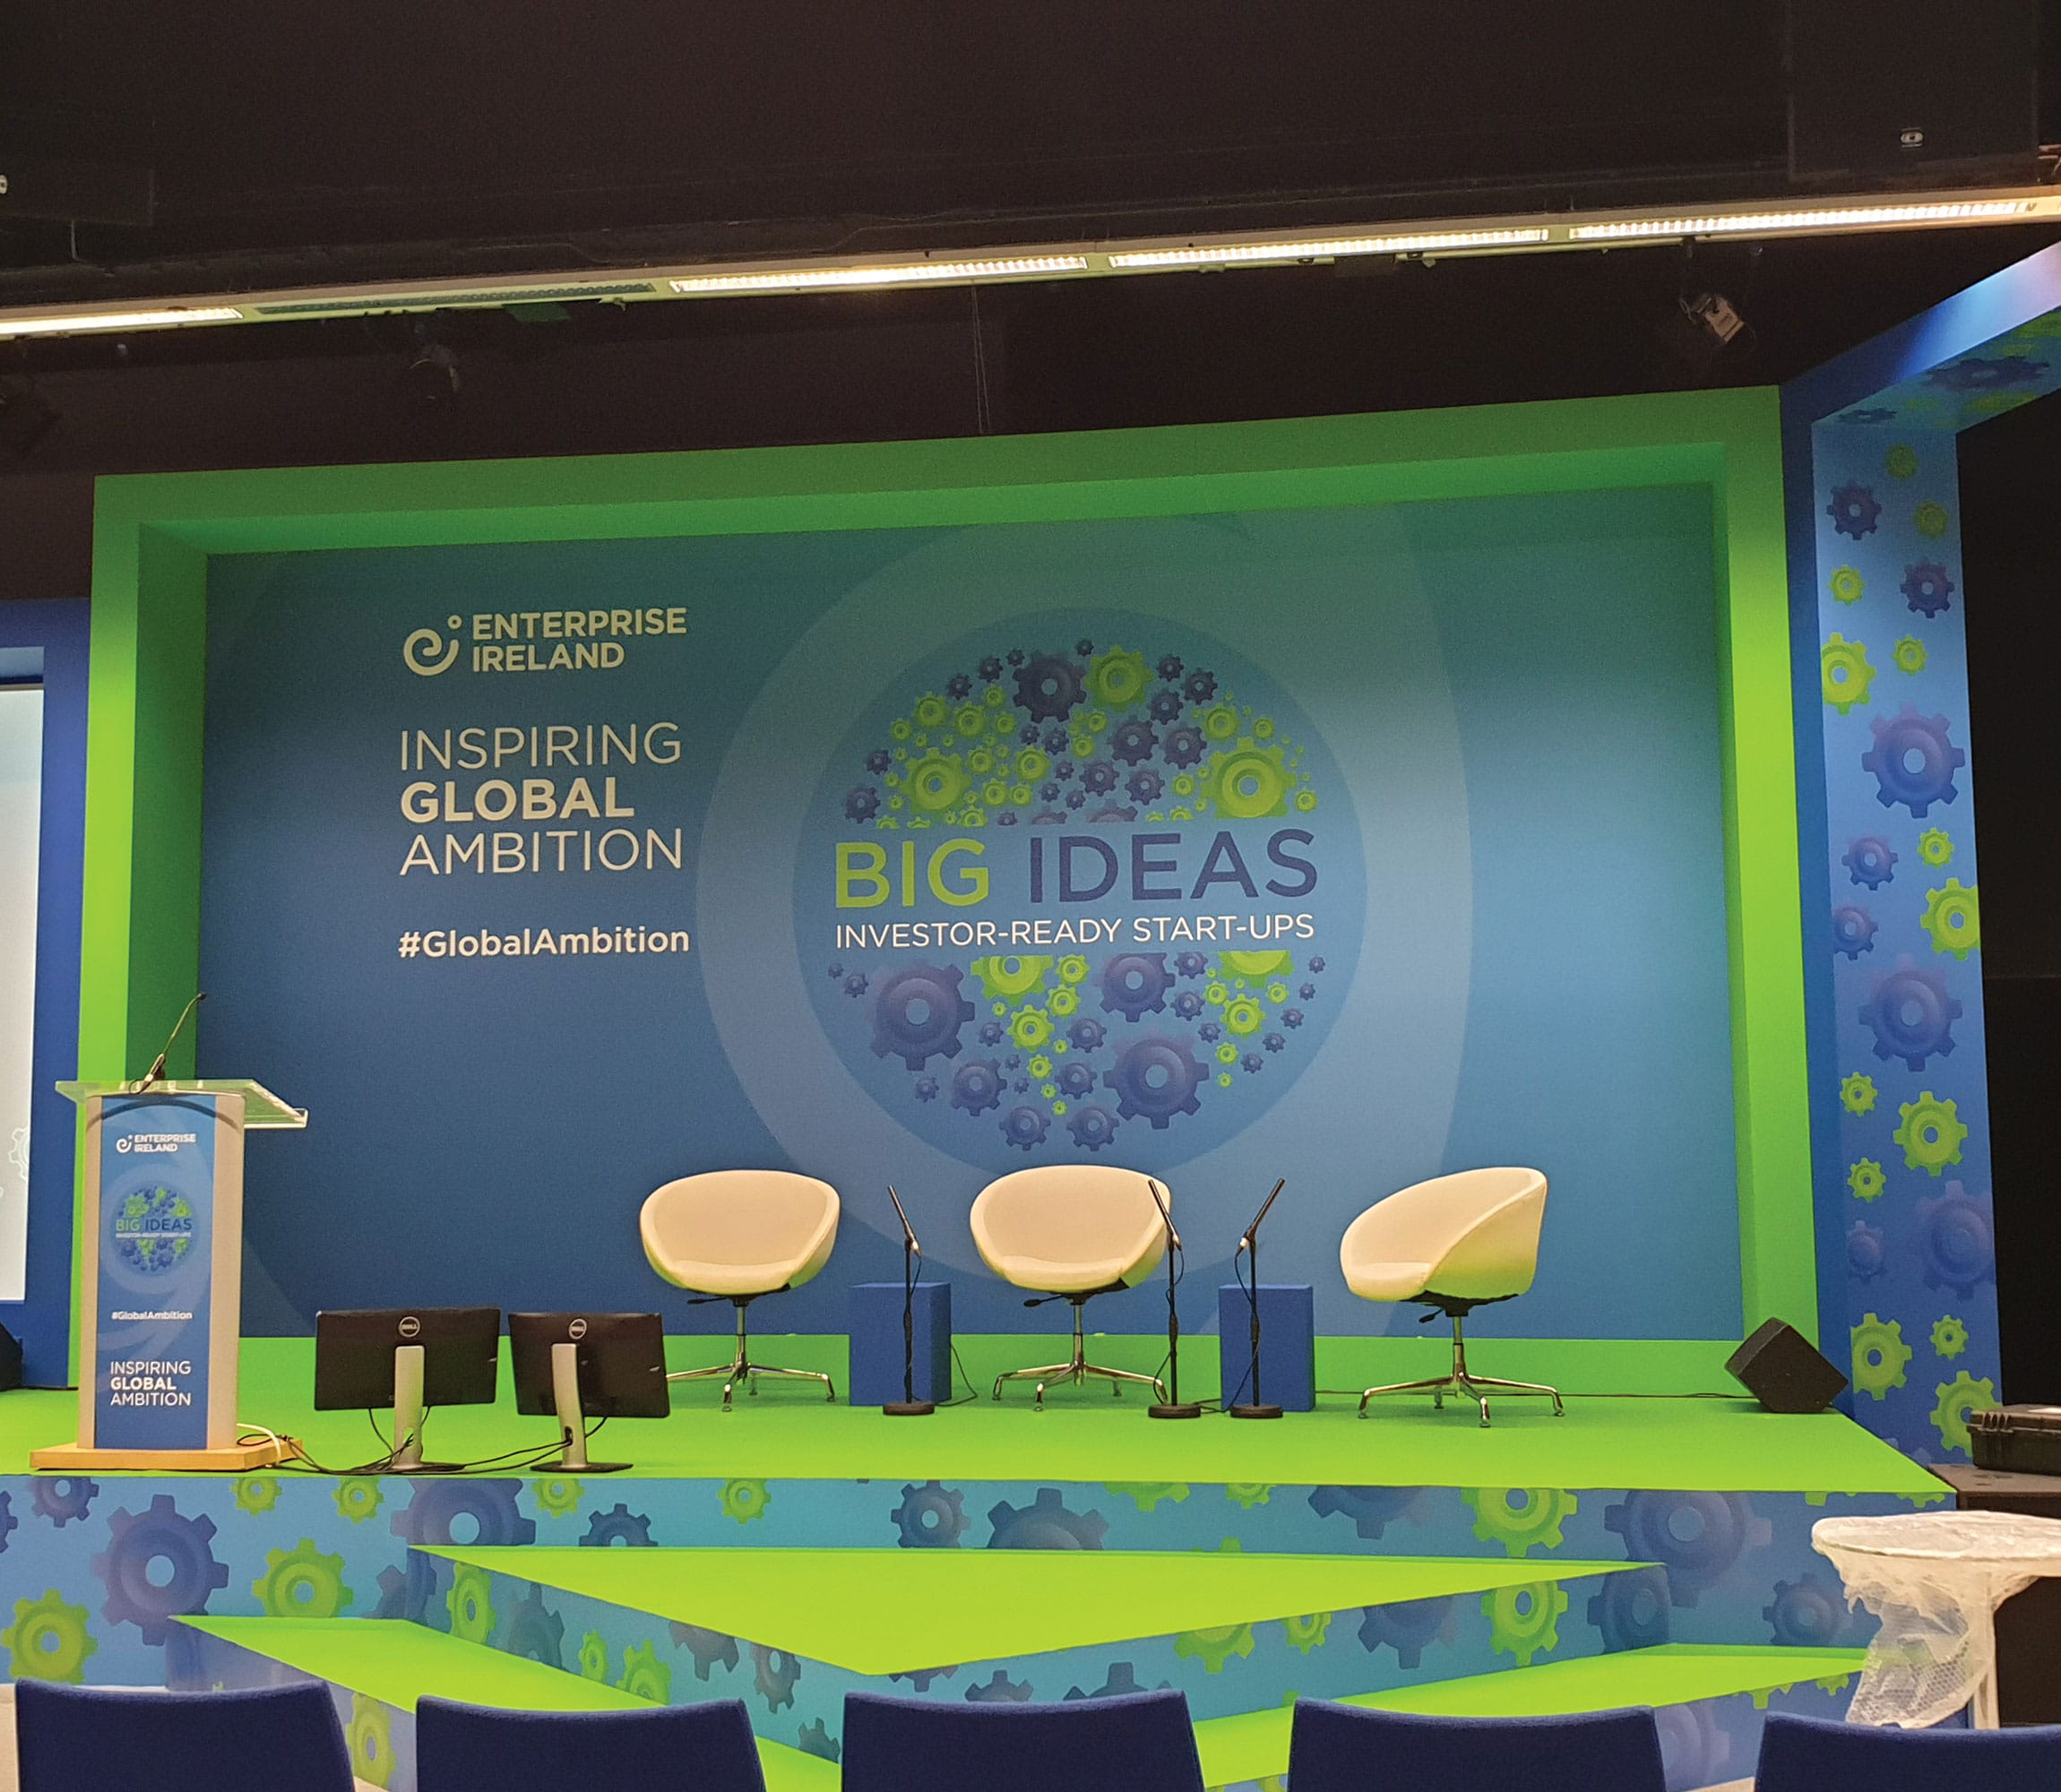 Big_Ideas_2-min.jpg